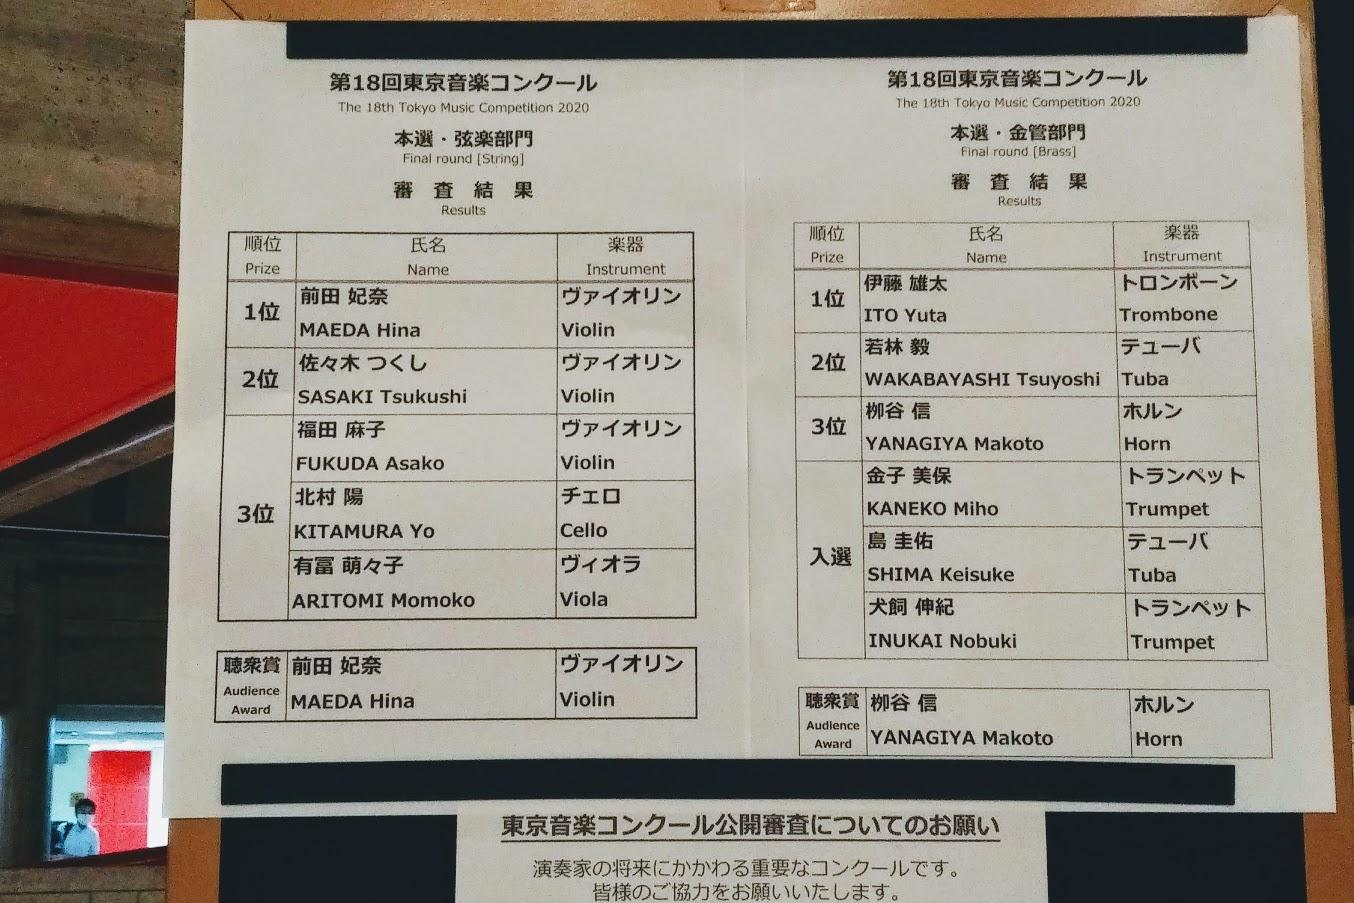 東京音楽コンクール結果